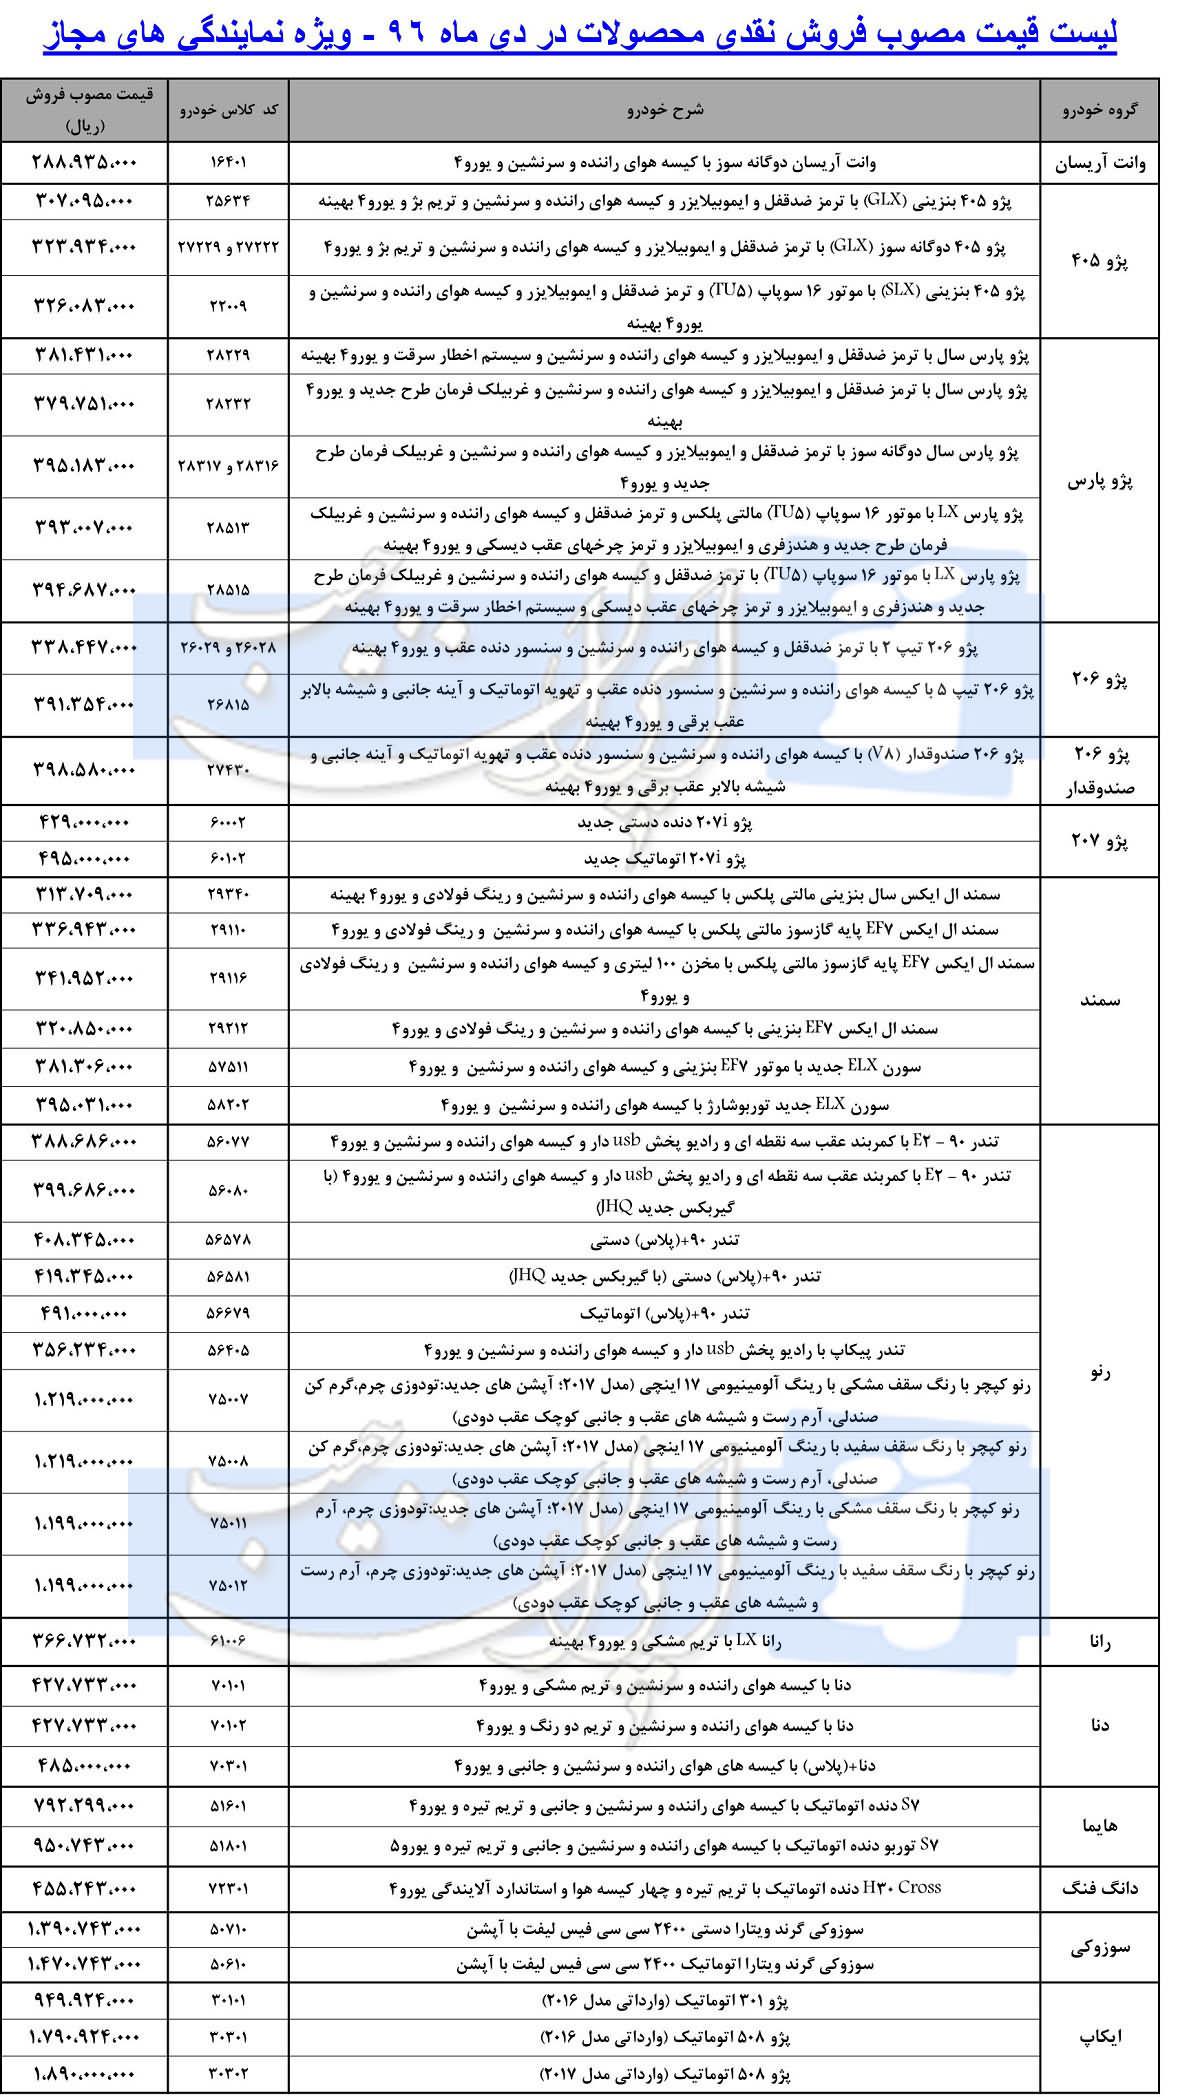 اعلام قیمت جدید و مصوب کارخانه ای محصولات ایران خودرو برای دی ماه ۹۶ (+جدول)